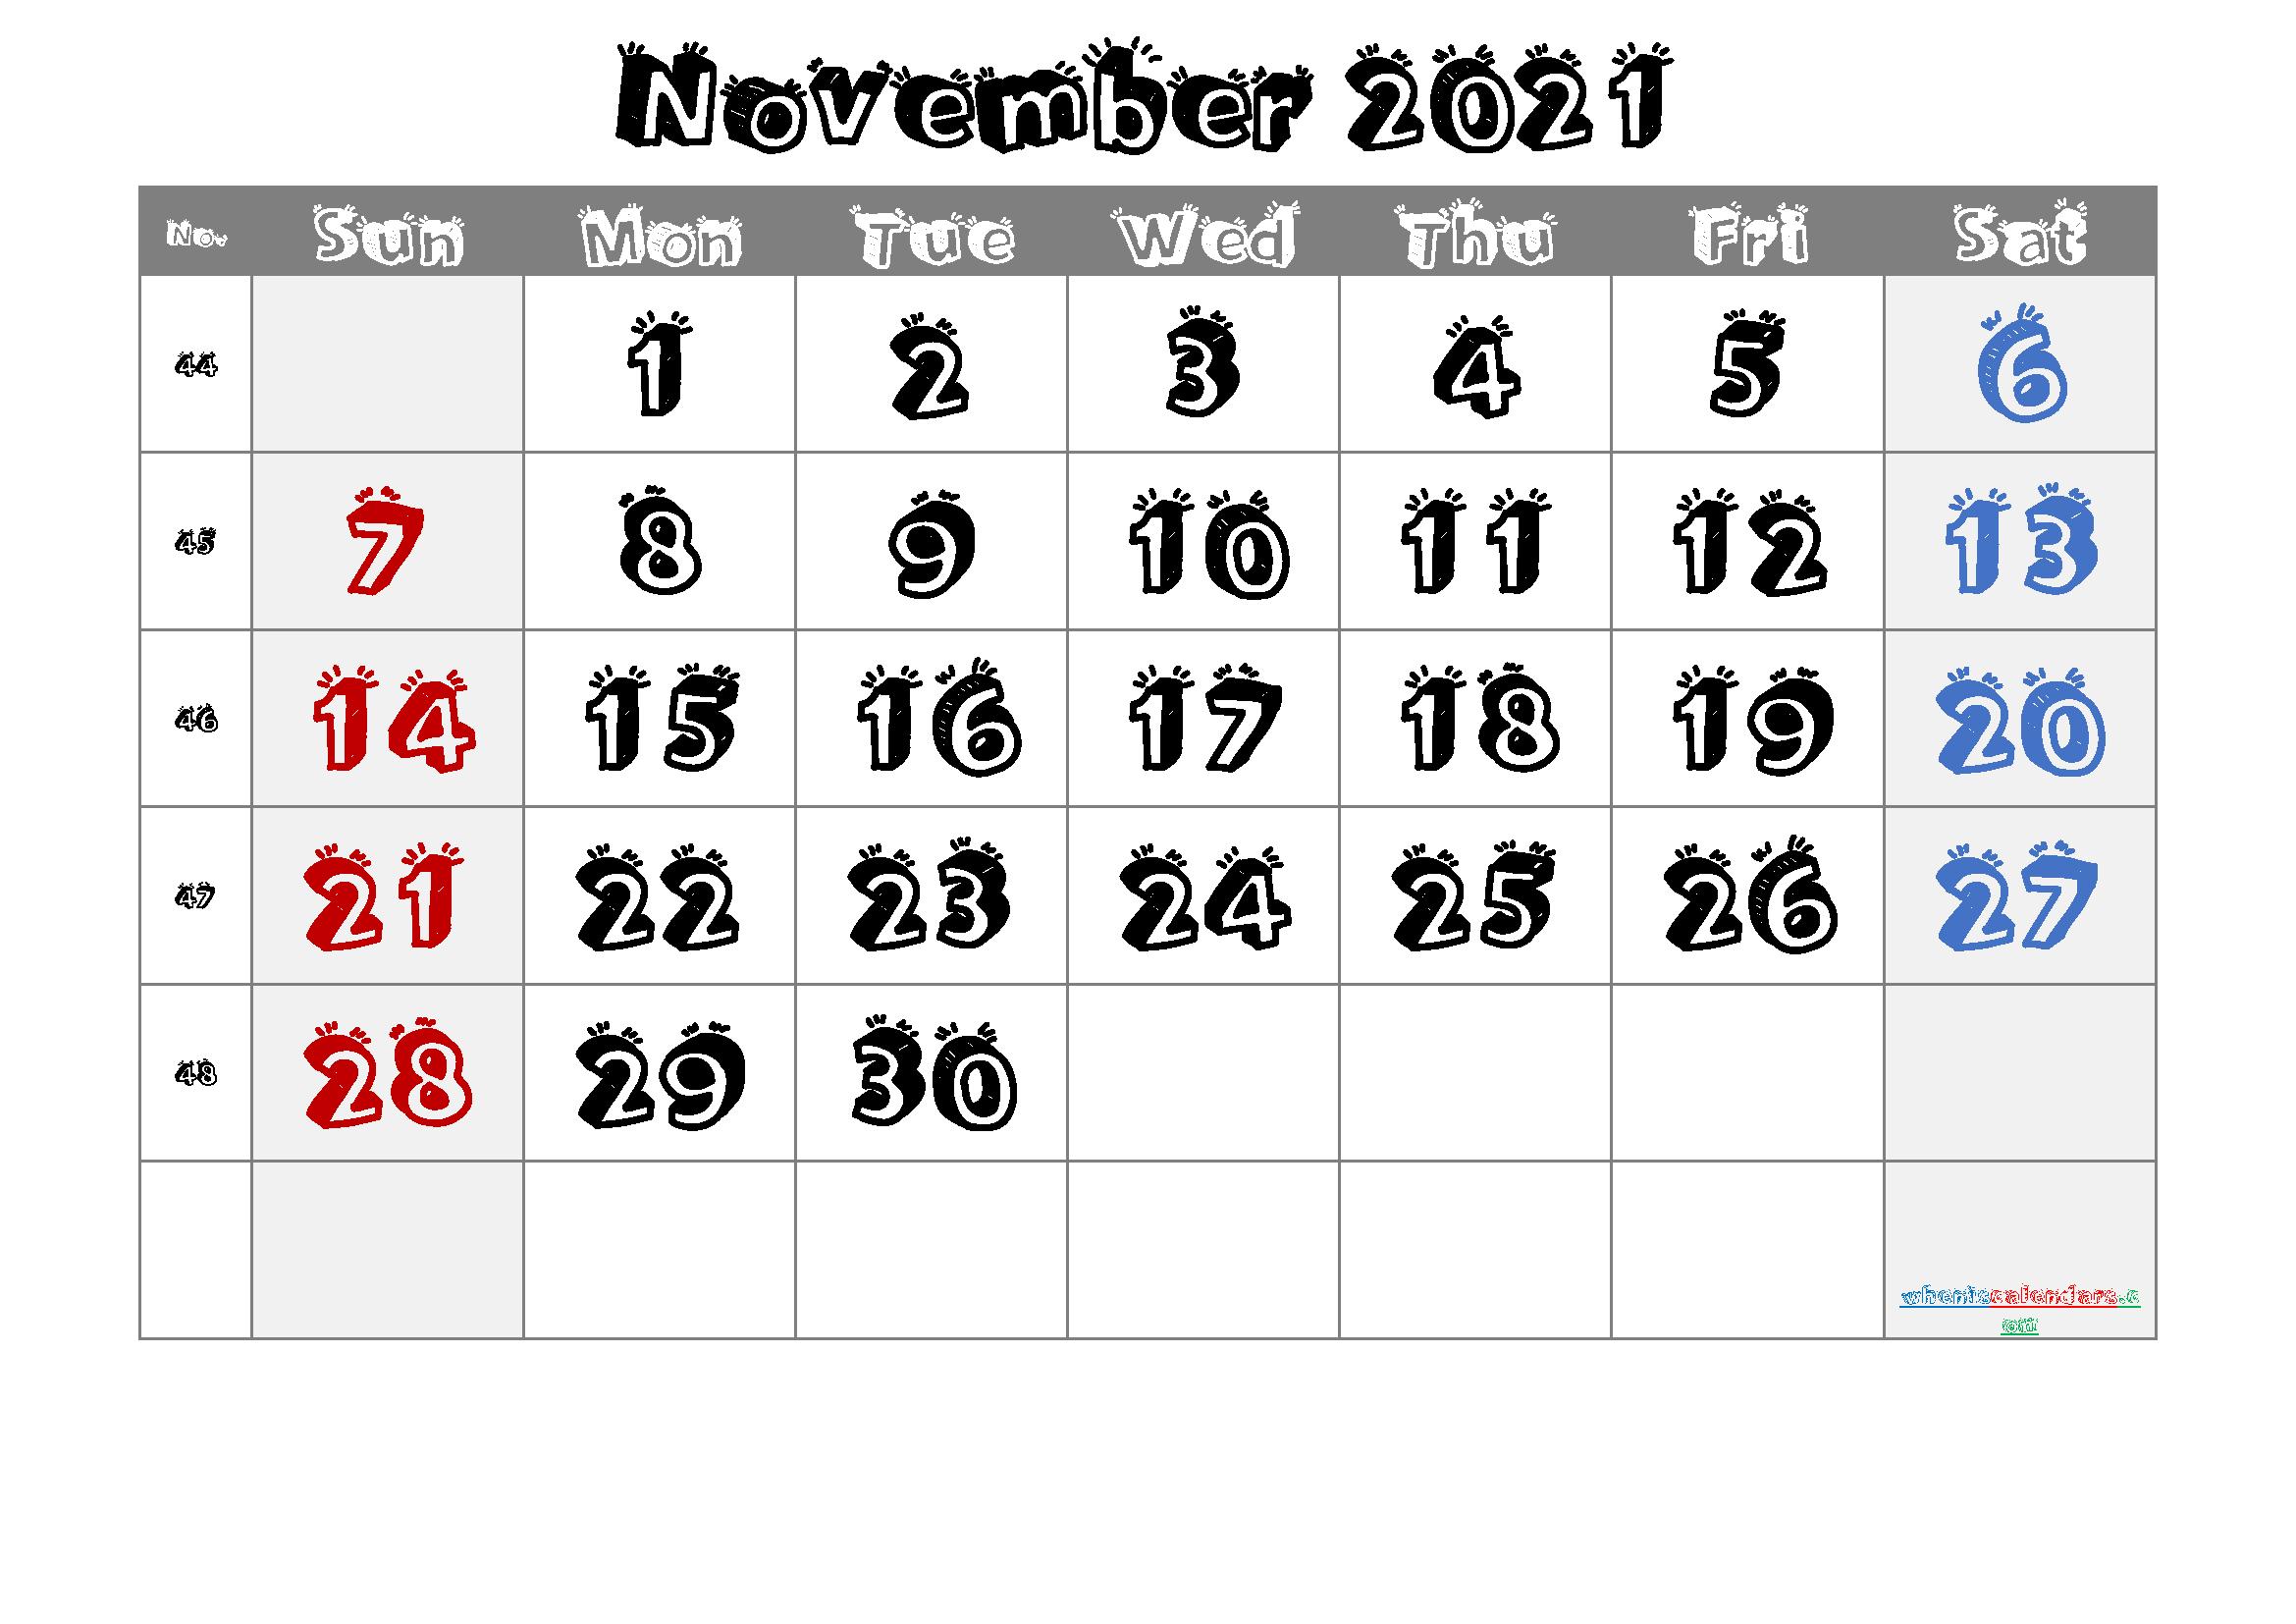 November 2021 Printable Calendar With Week Numbers 6 1